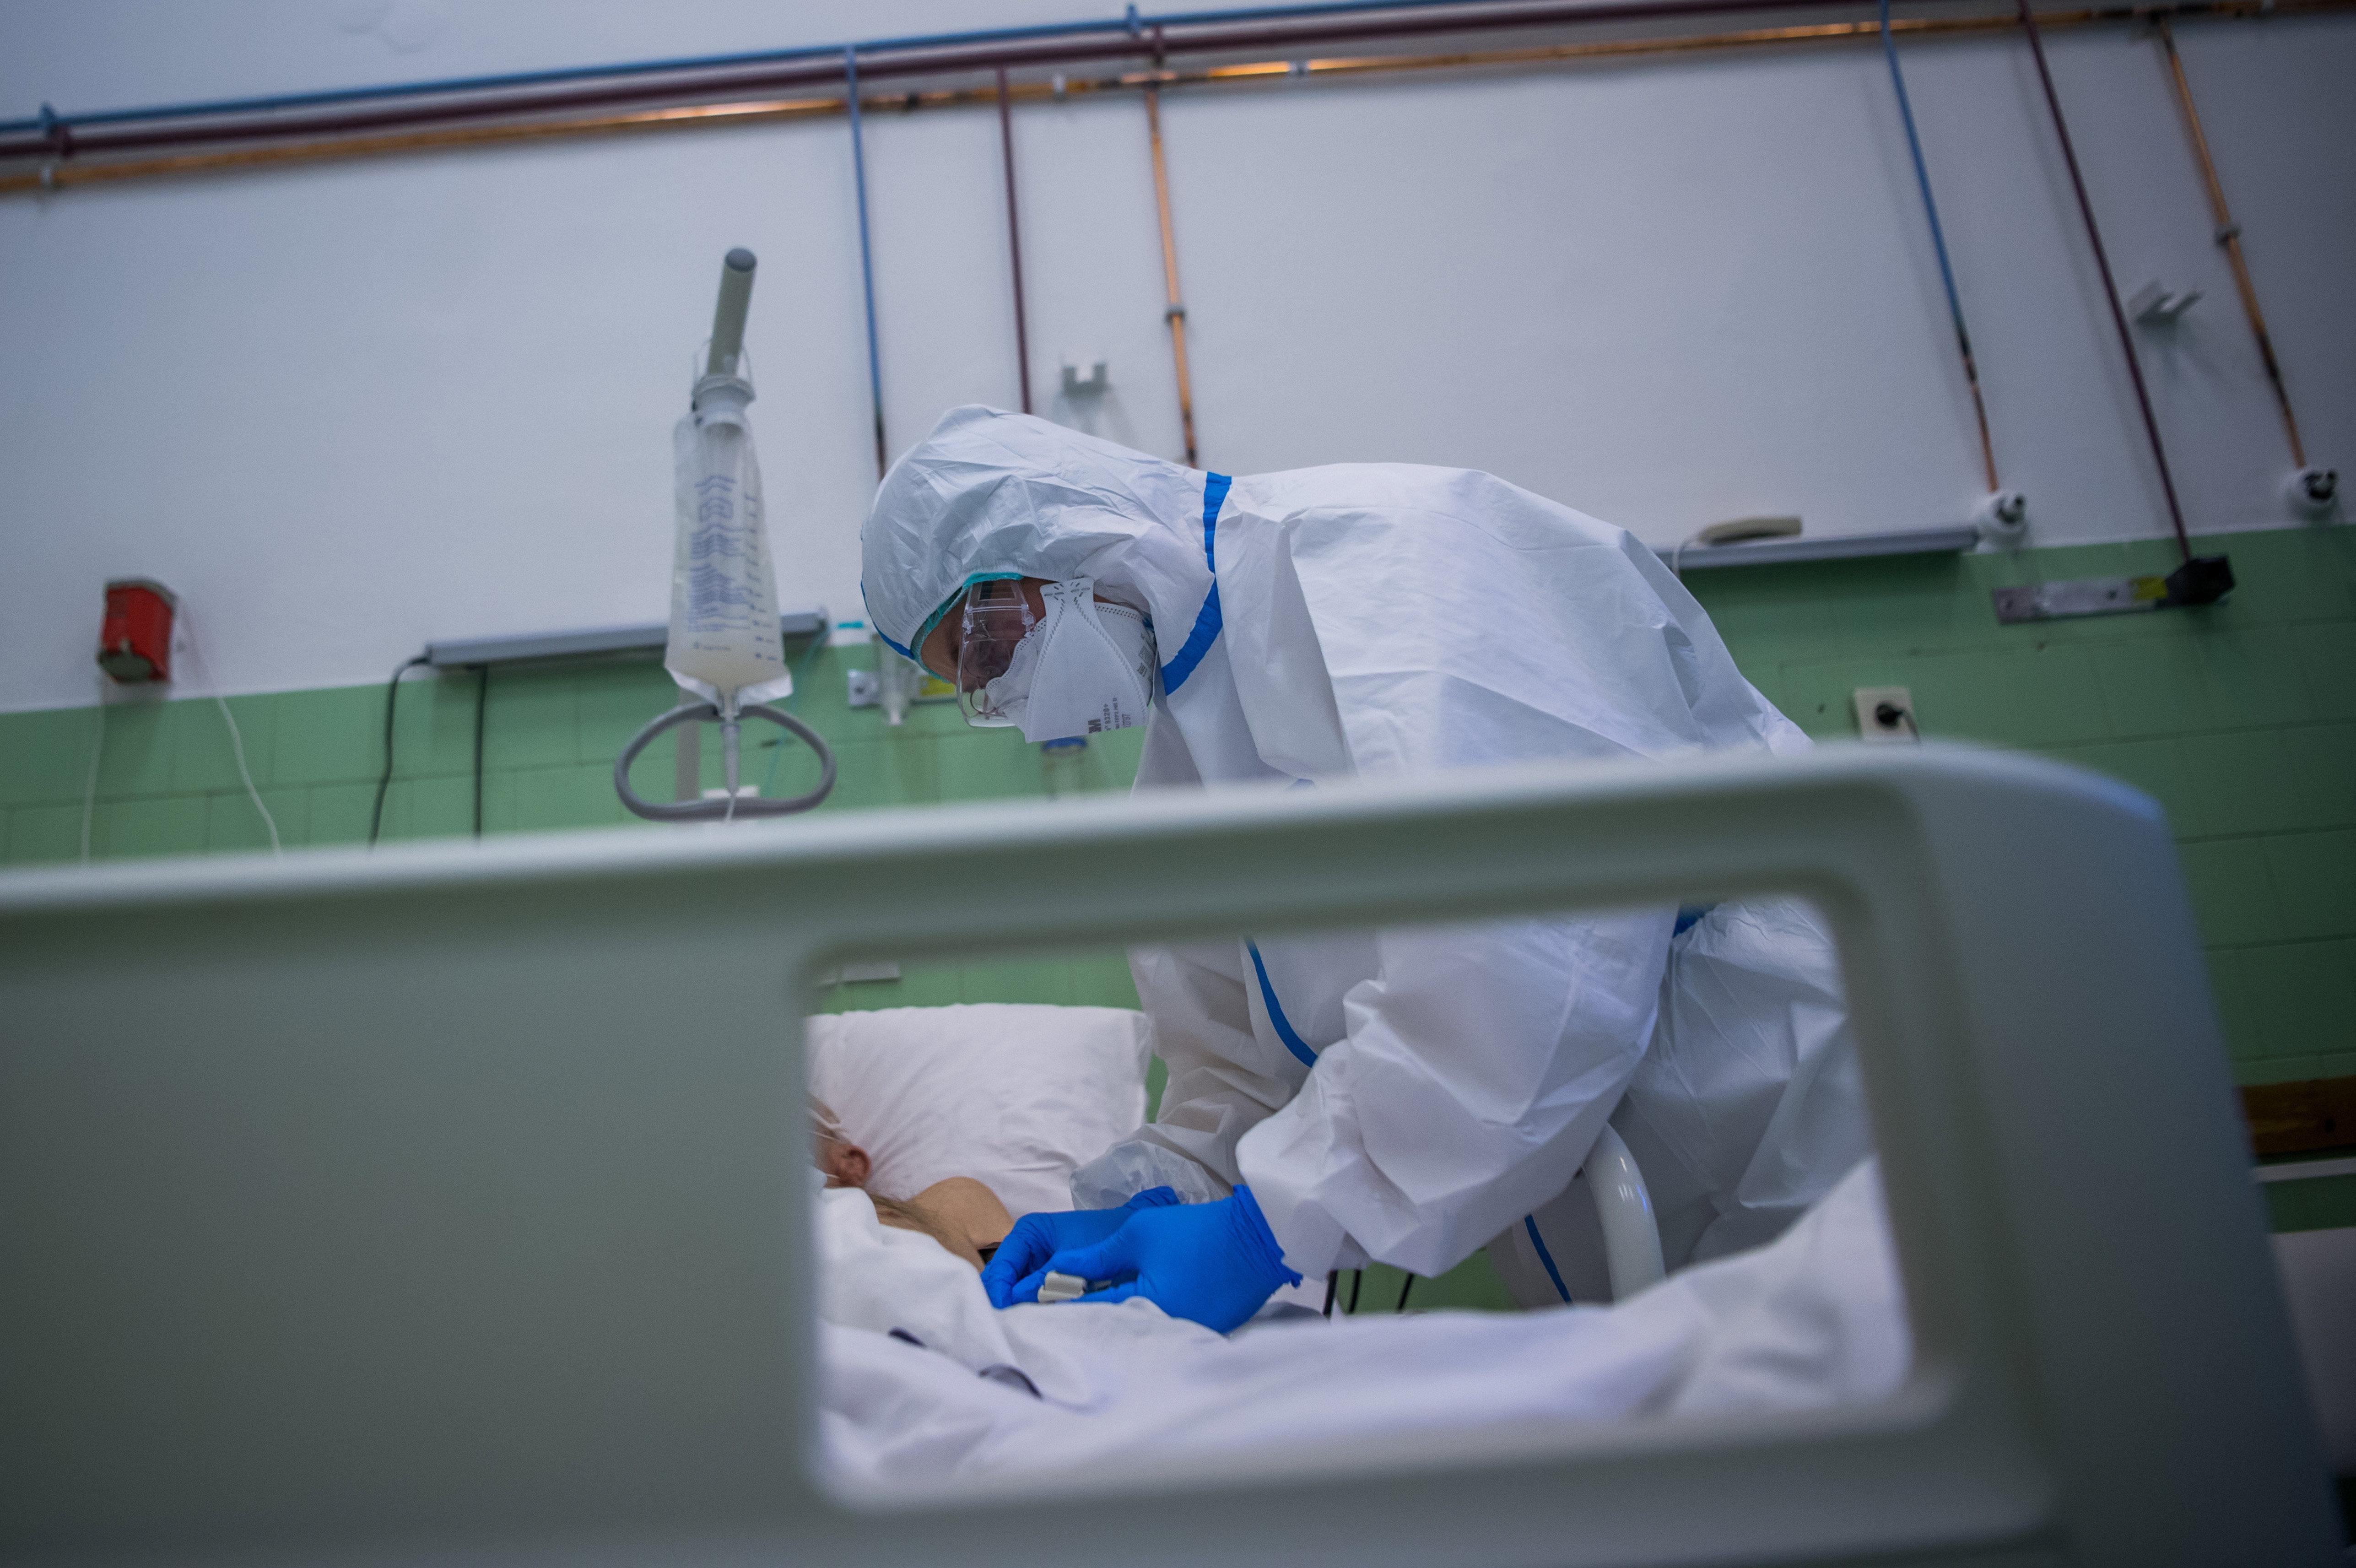 Többen tettek panaszt az ombudsmannál, mert elmaradt a járvány miatt a kórházi ellátásuk